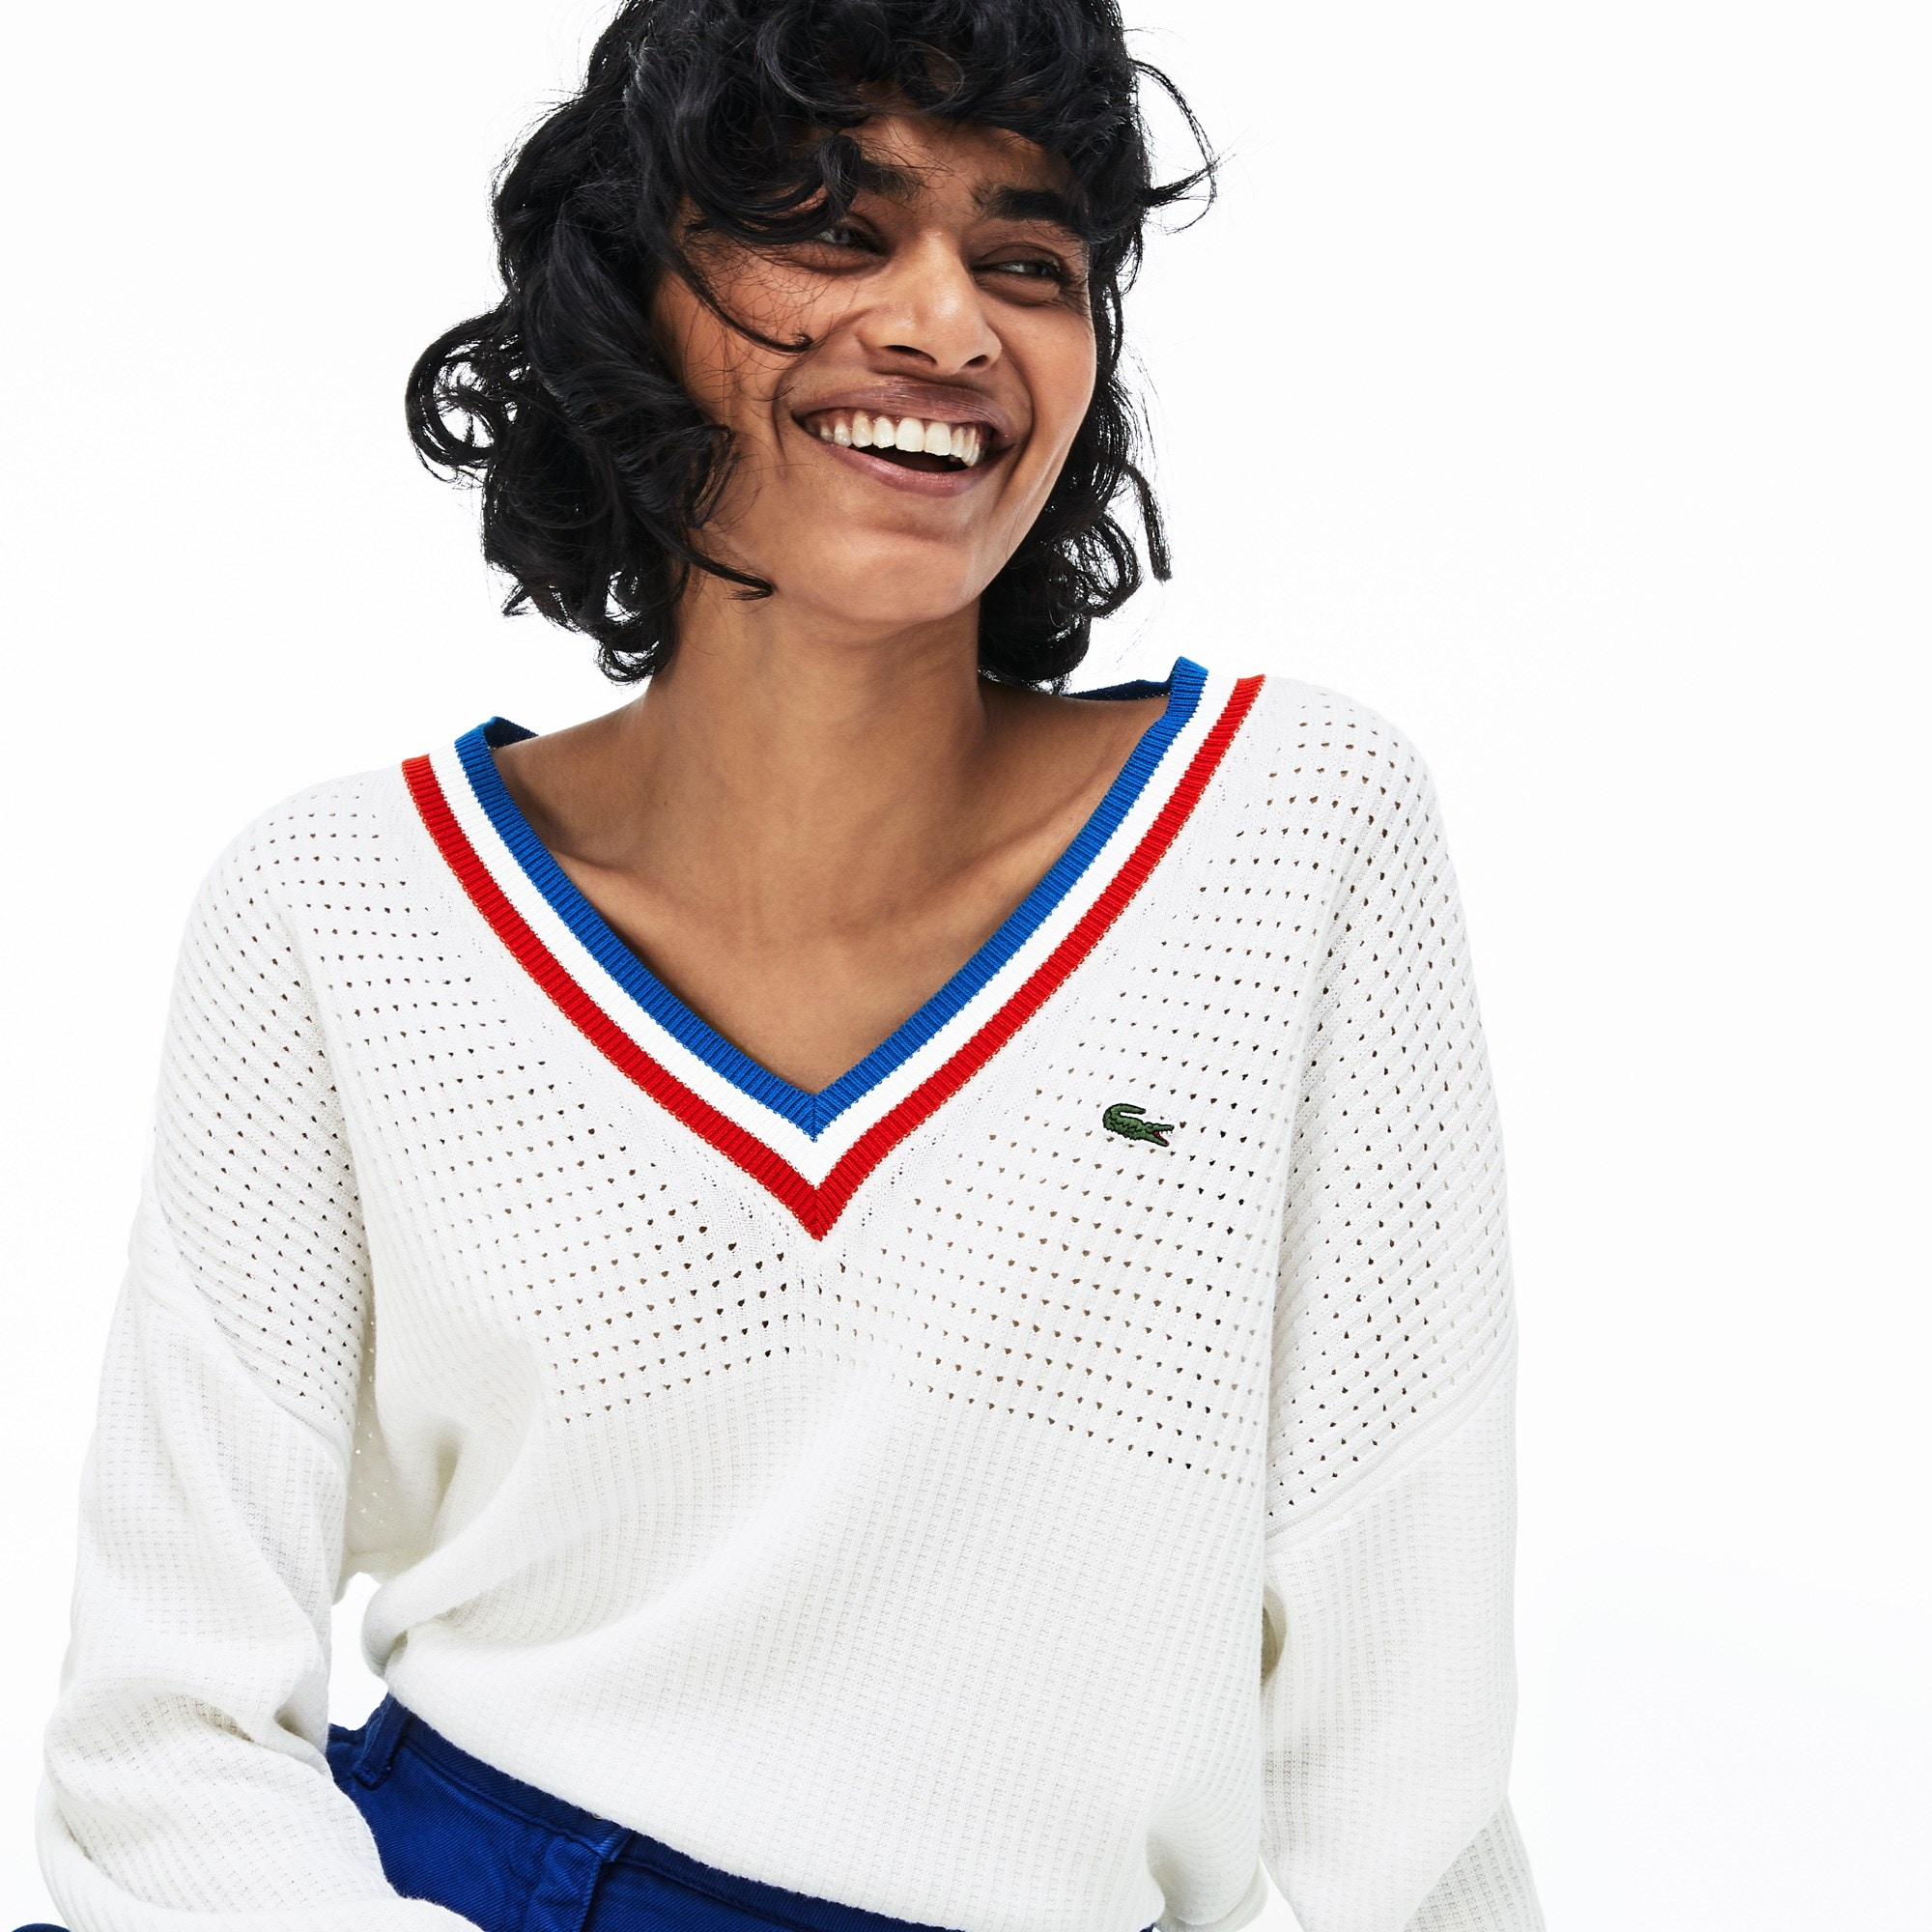 f0b89c0e36 Sweatshirt à capuche unisexe Lacoste LIVE en coton. 120,00 €. + 1 couleur